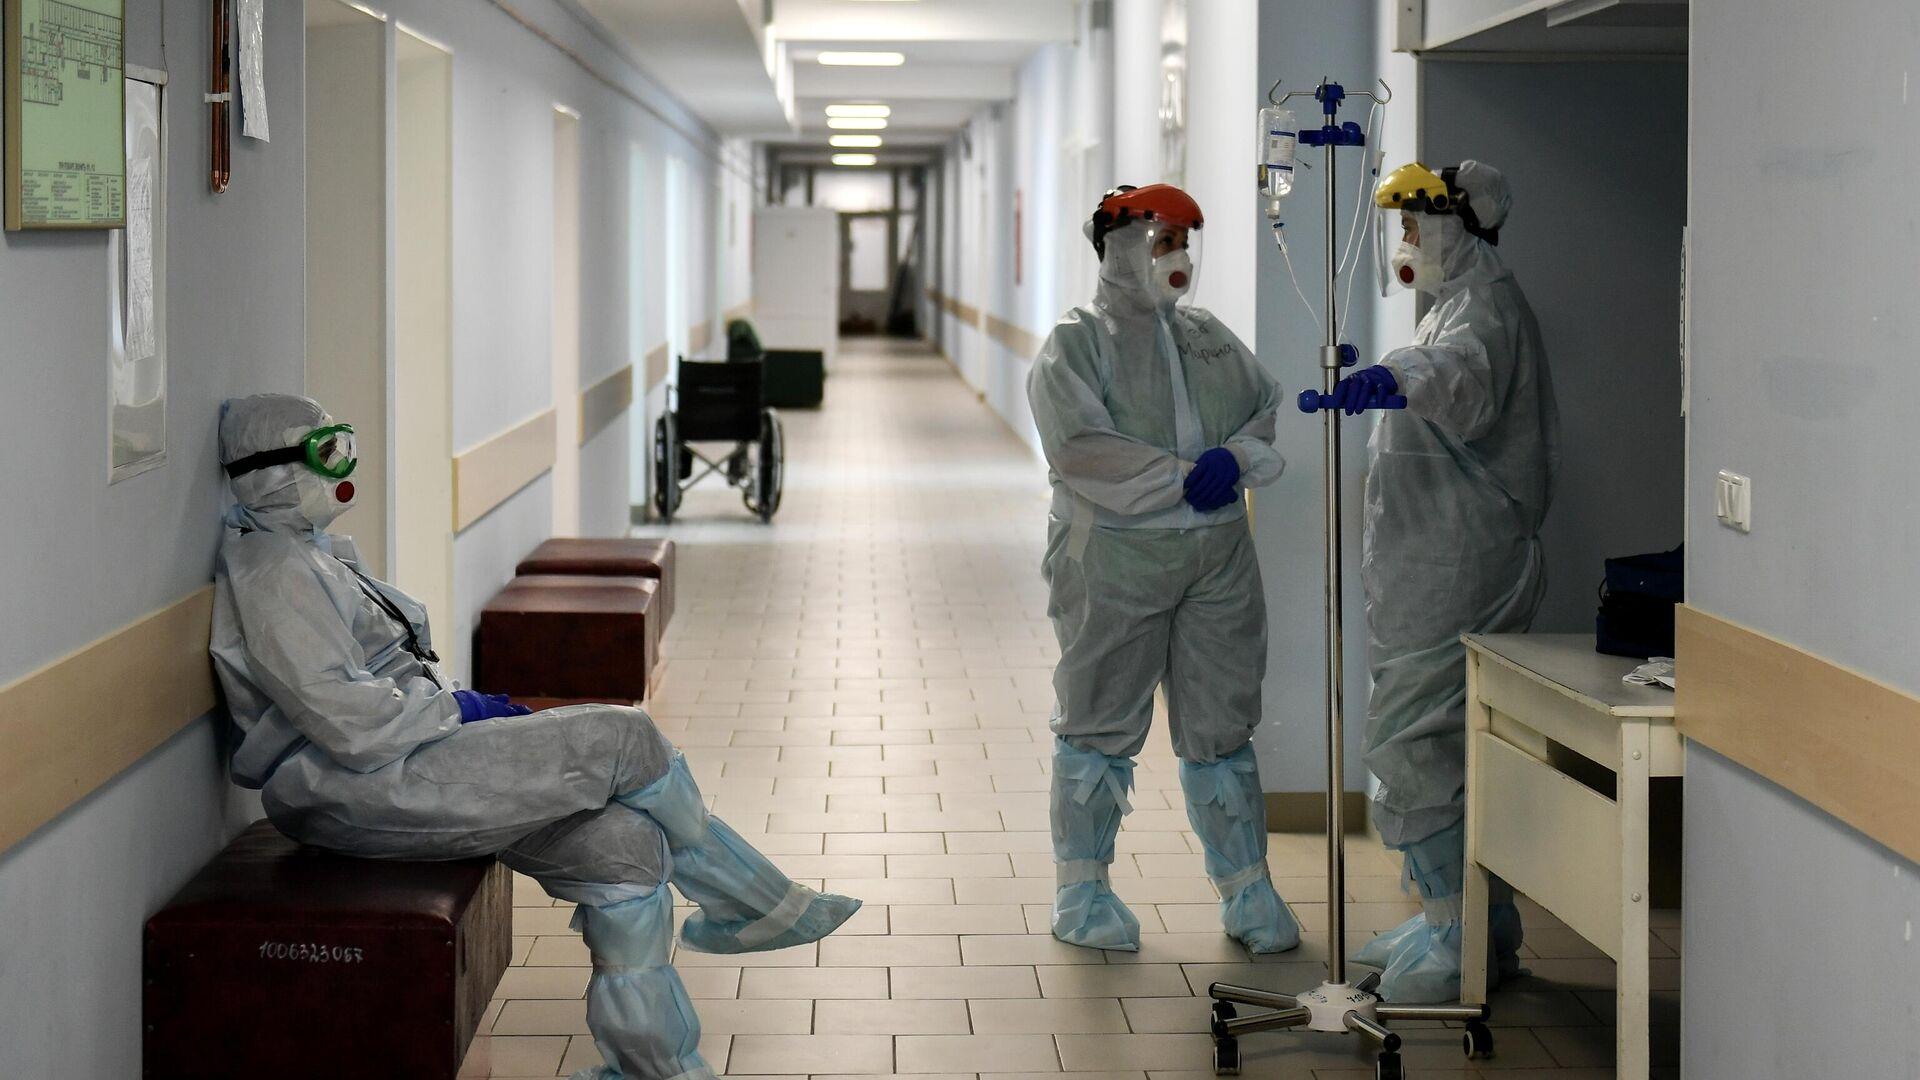 В Москве десять больниц для пациентов с COVID вернутся к обычному режиму -  РИА Новости, 03.02.2021